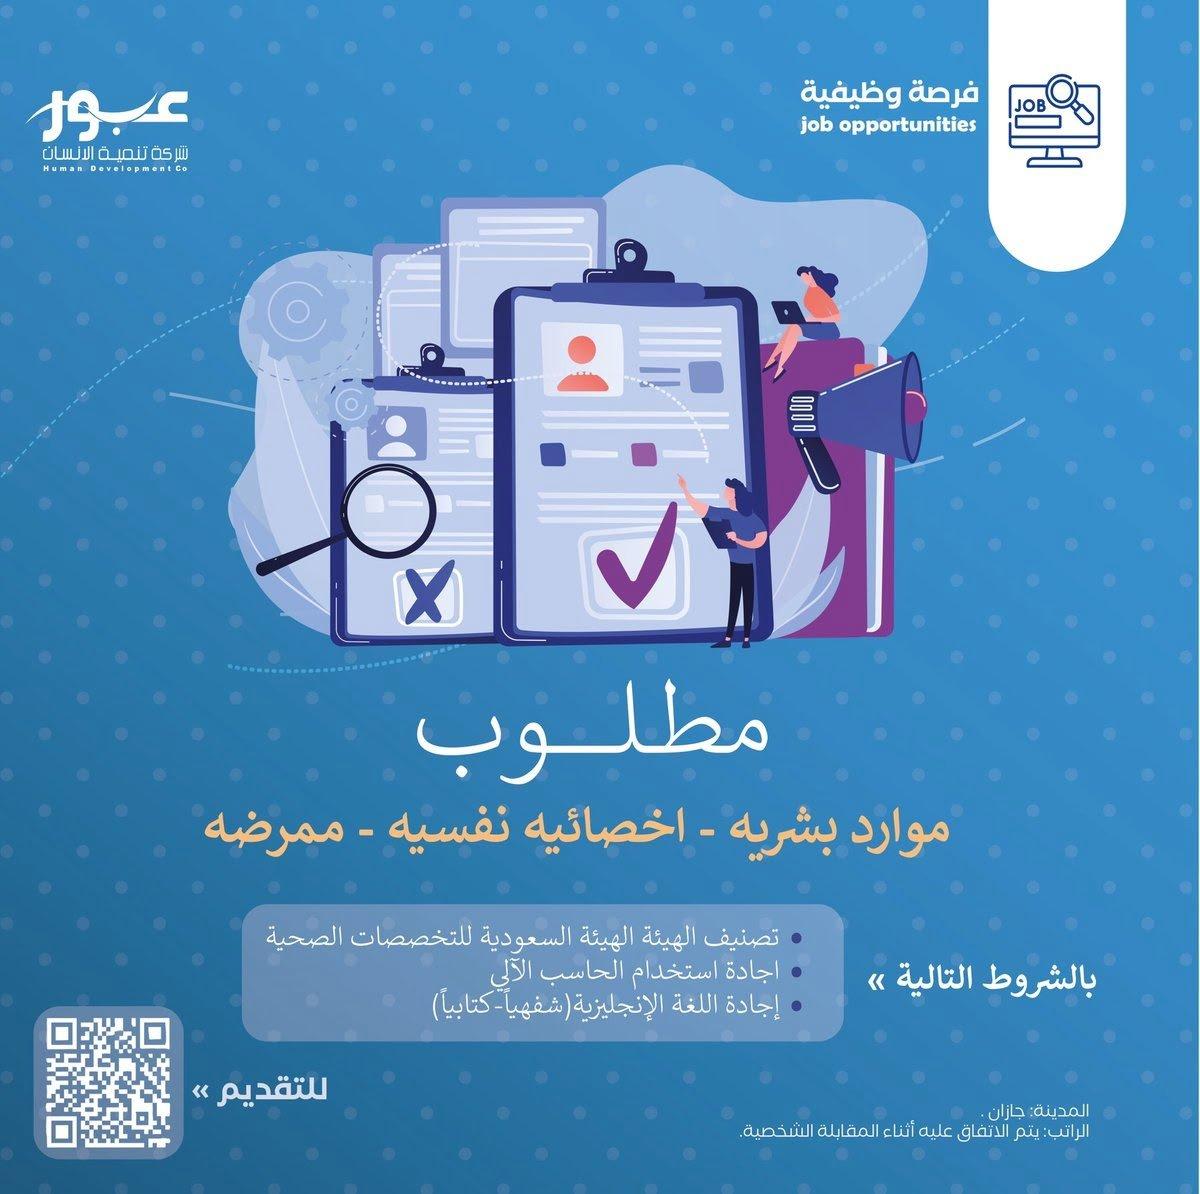 وظائف شاغرة بعدة مجالات في الرياض وجازان لدى شركة تنمية الإنسان عبور 5